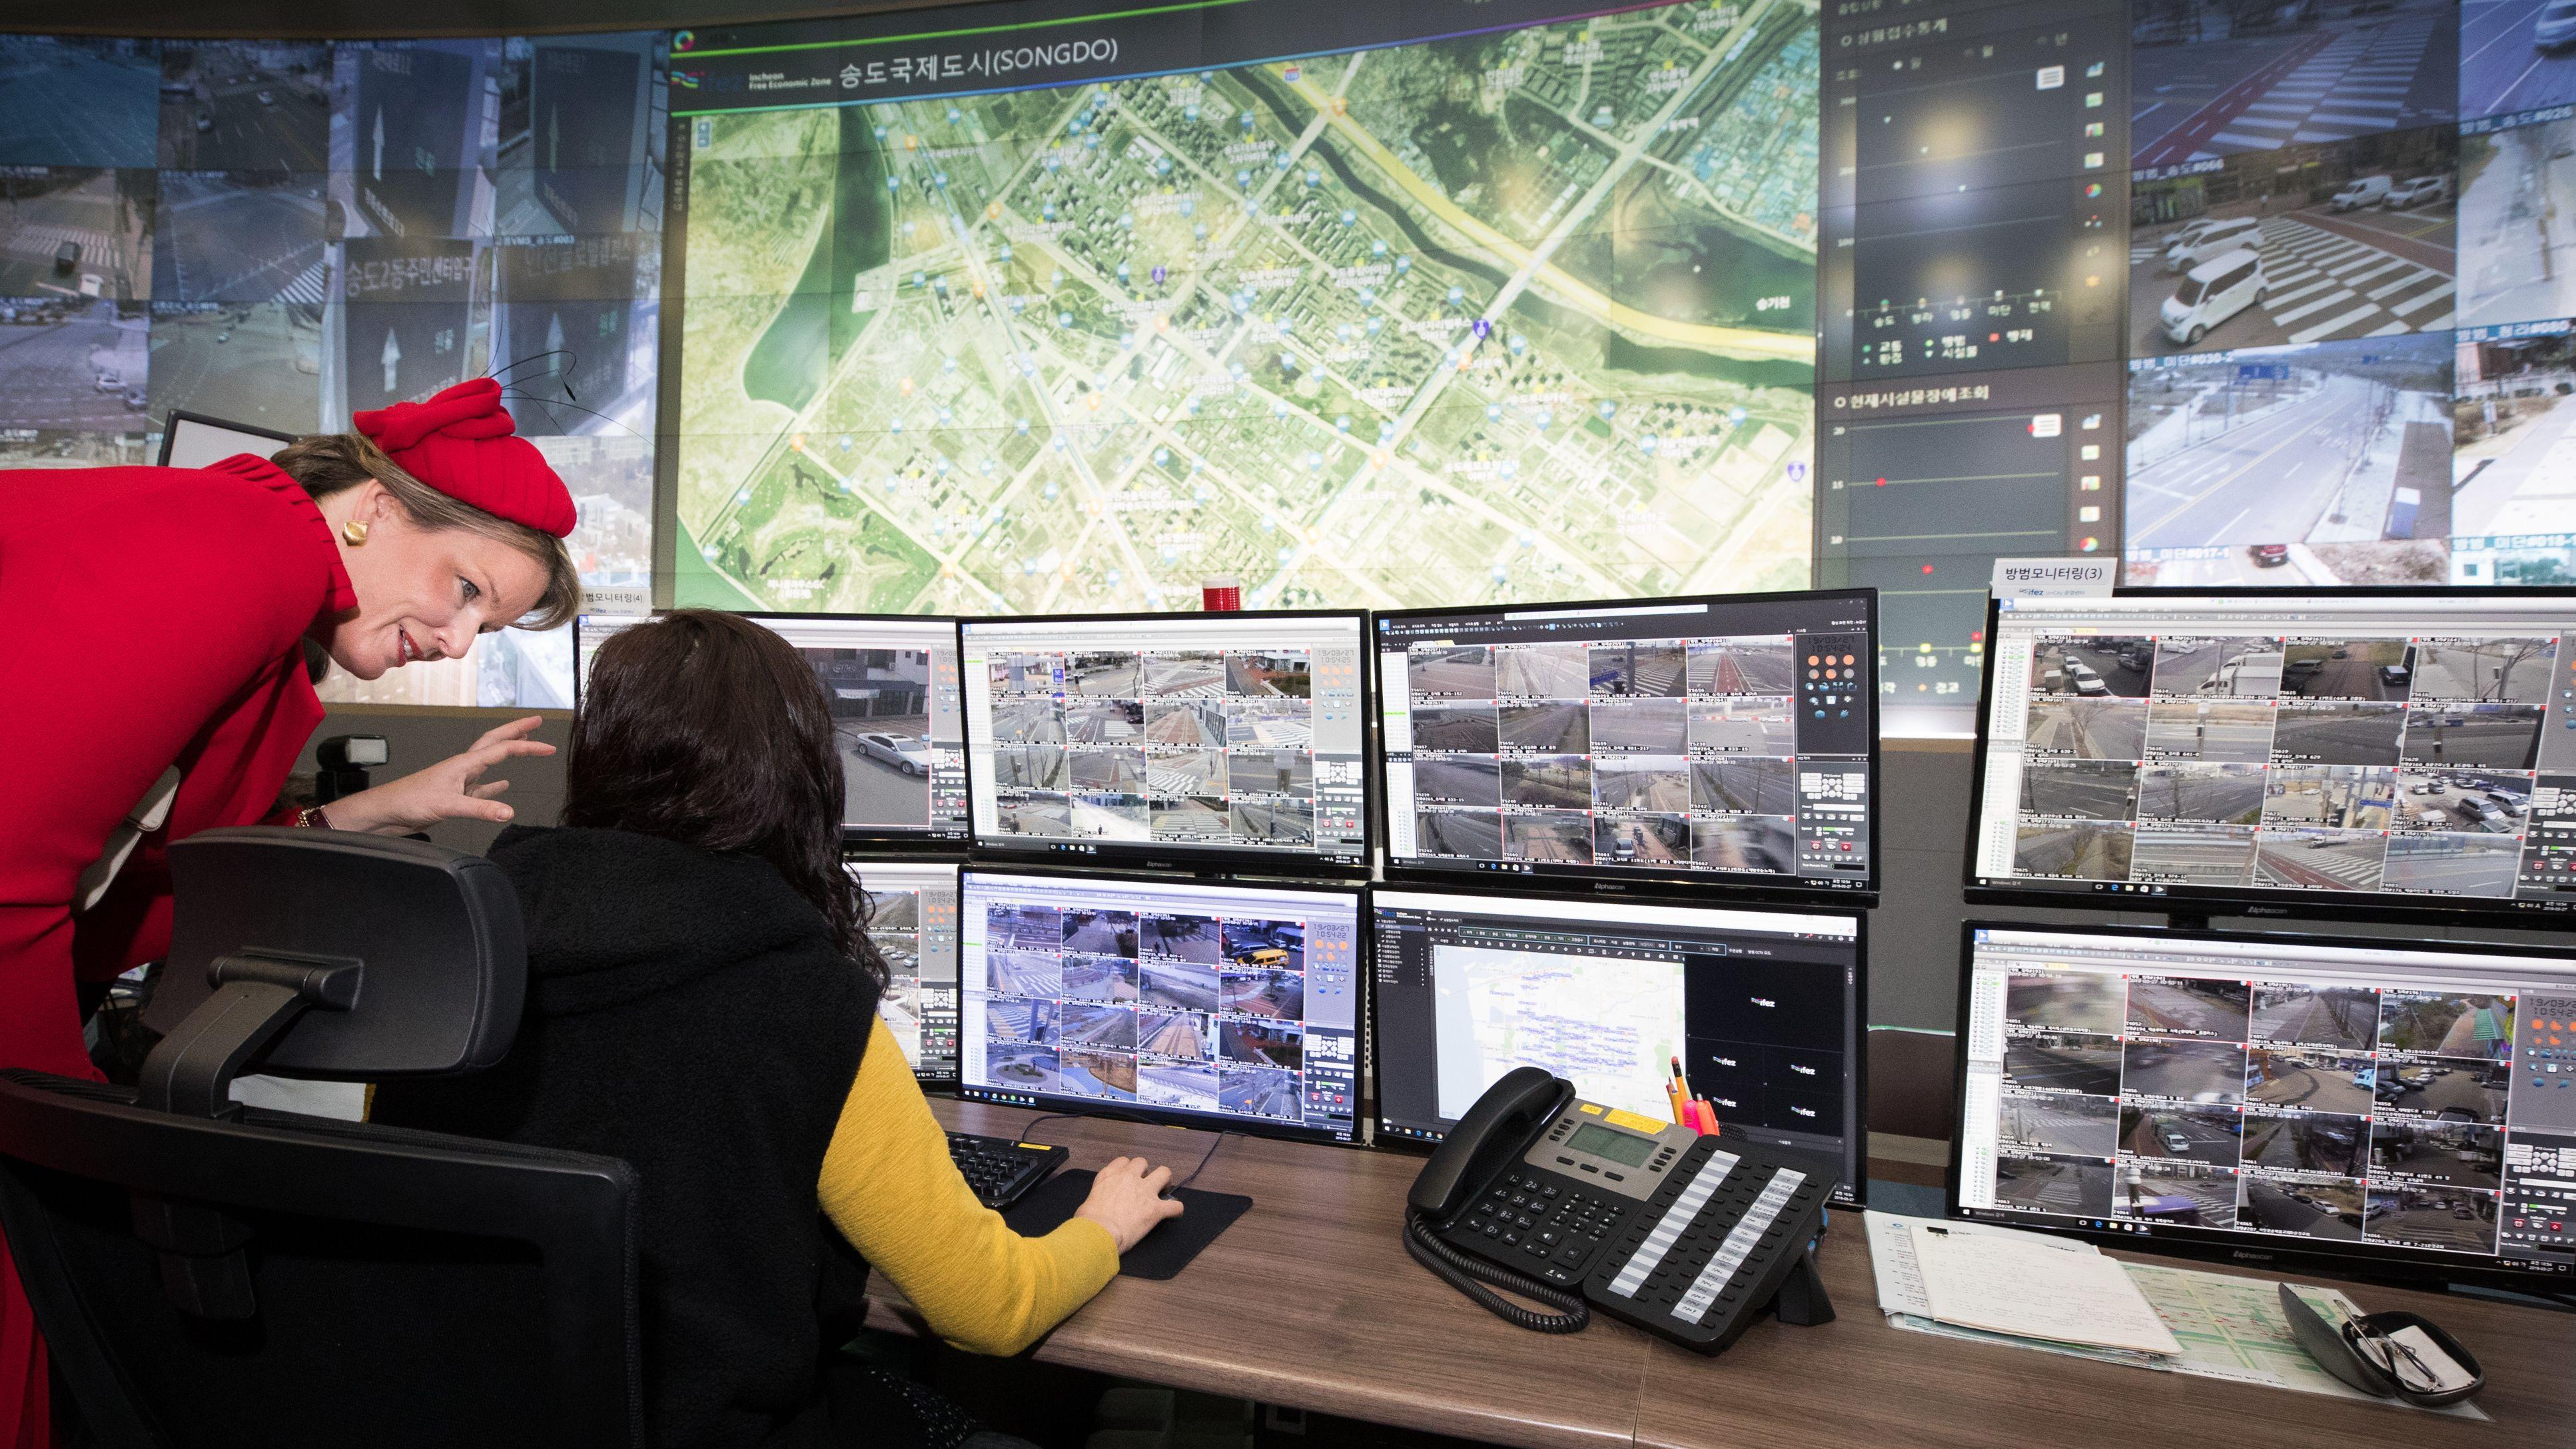 Kontrollraum in der südkoreanischen Smart City Songdo.